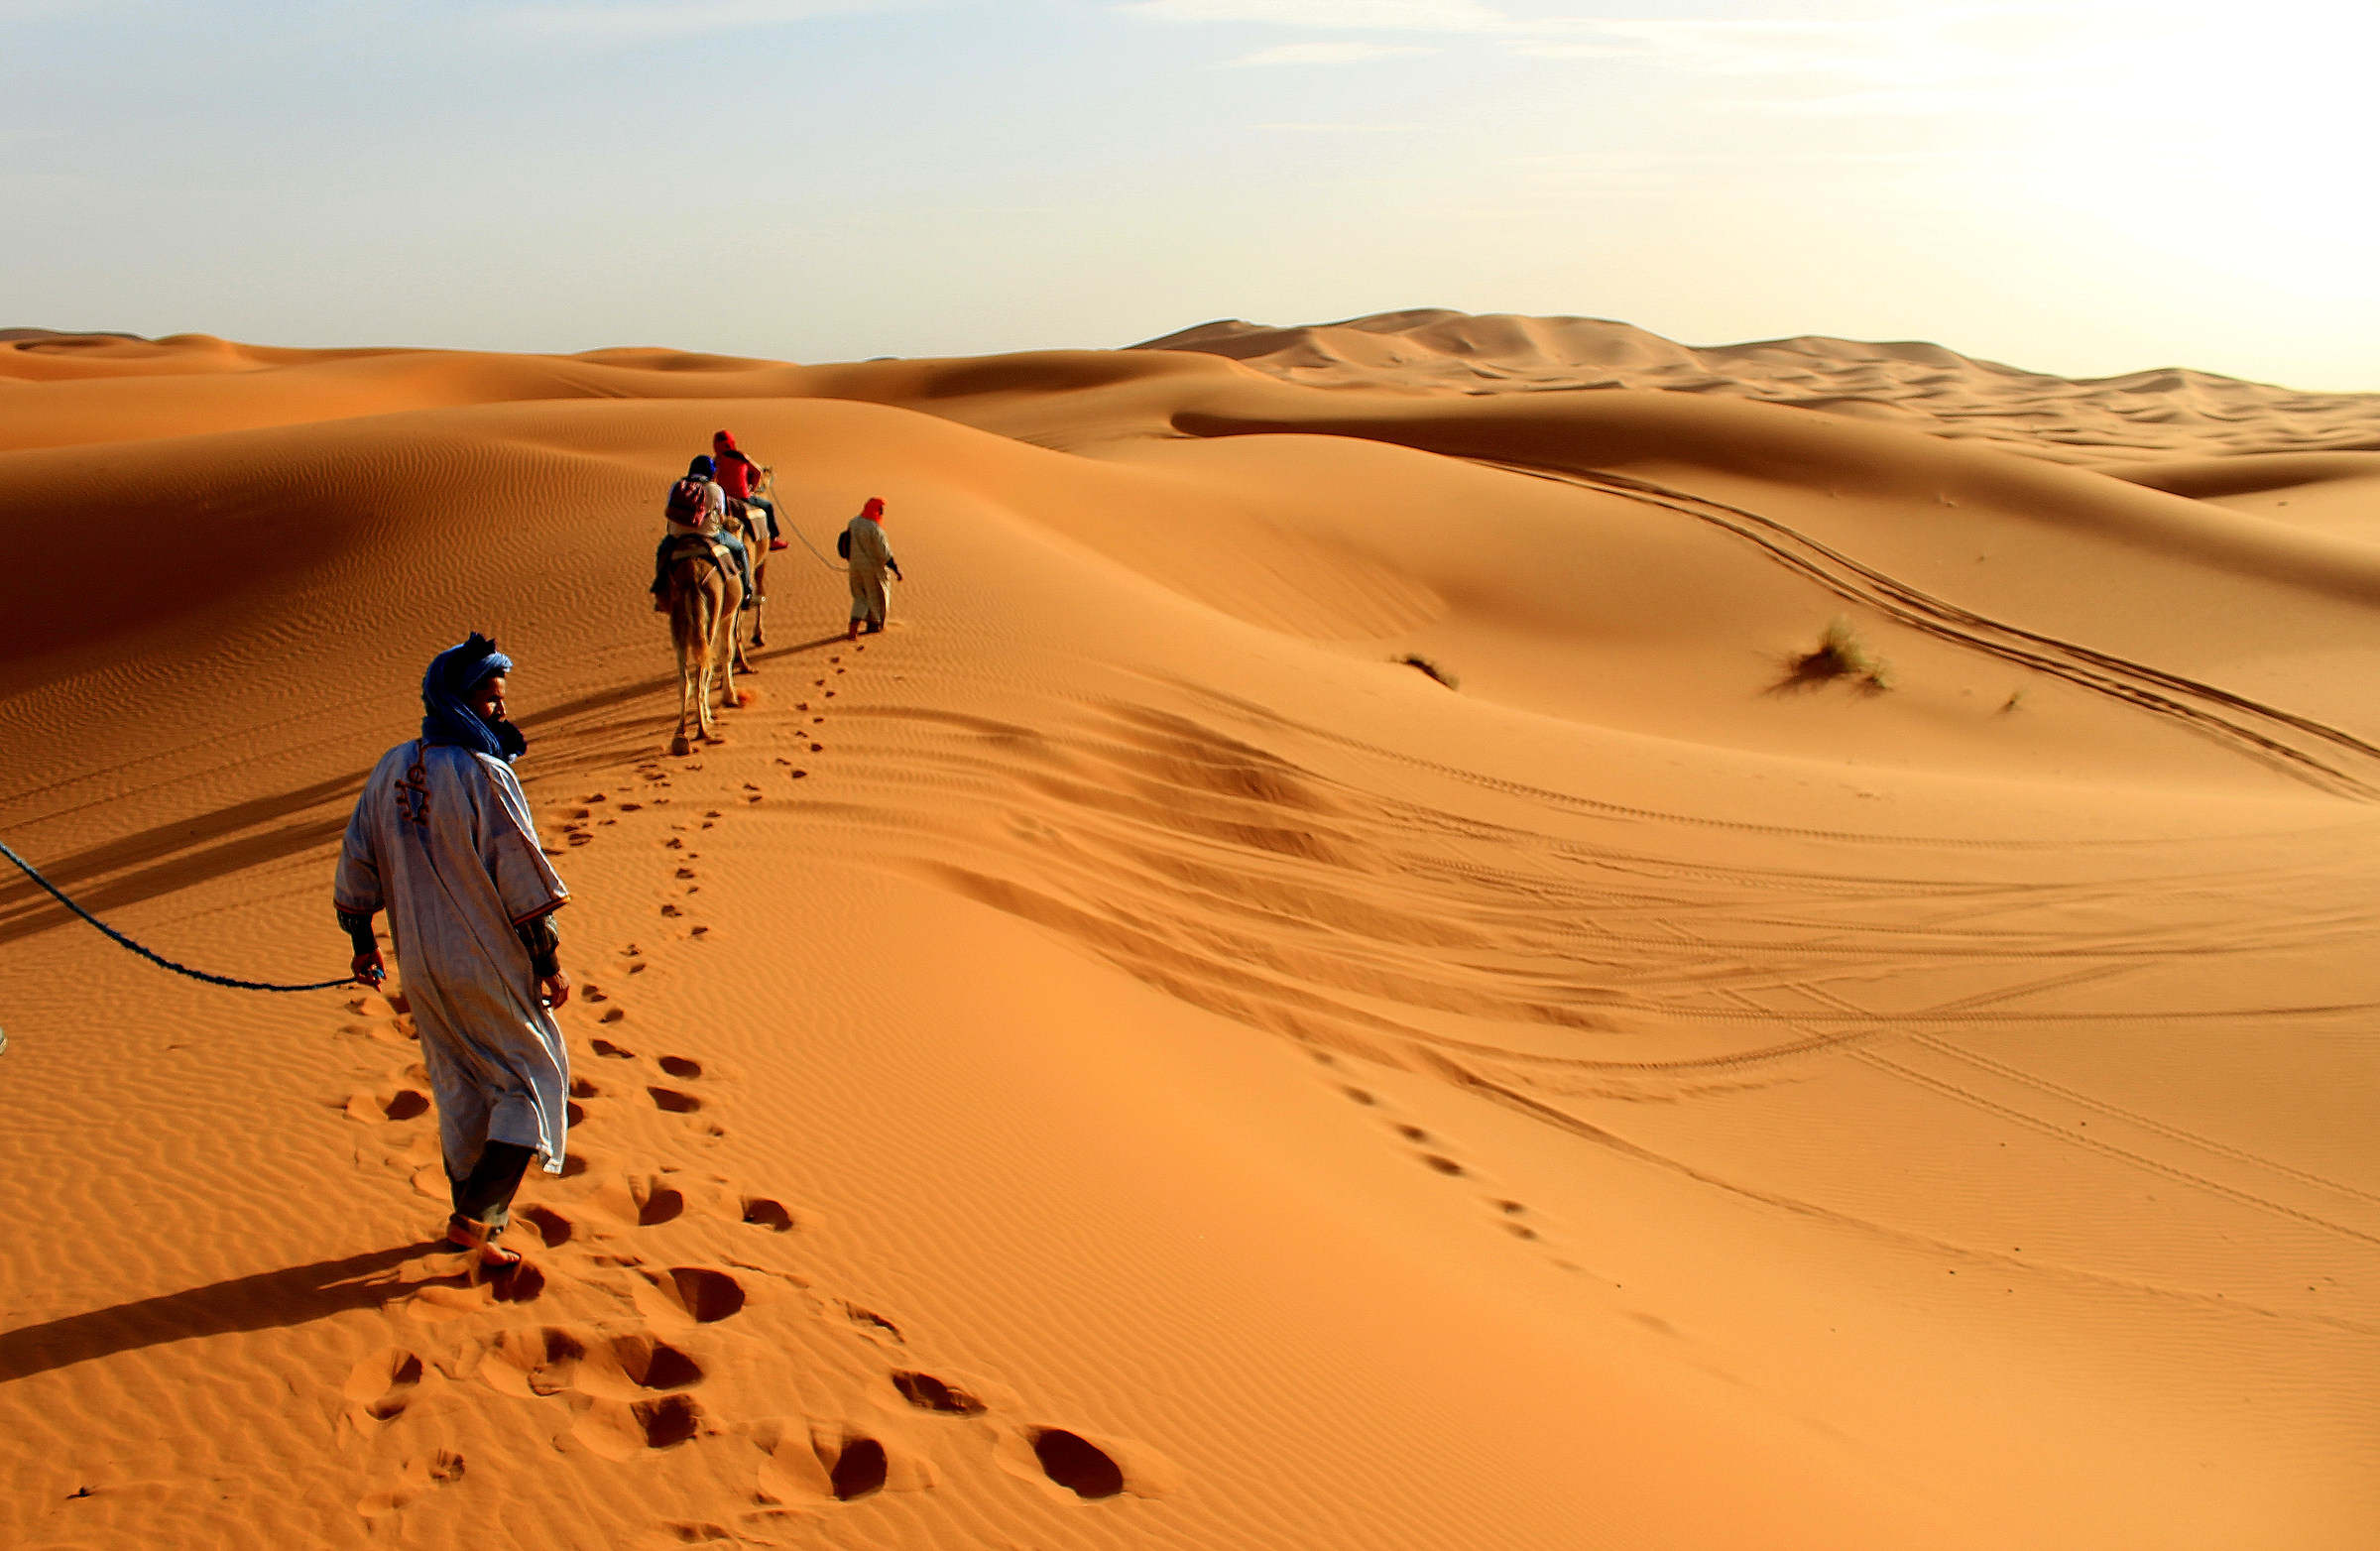 Walk in the desert ......